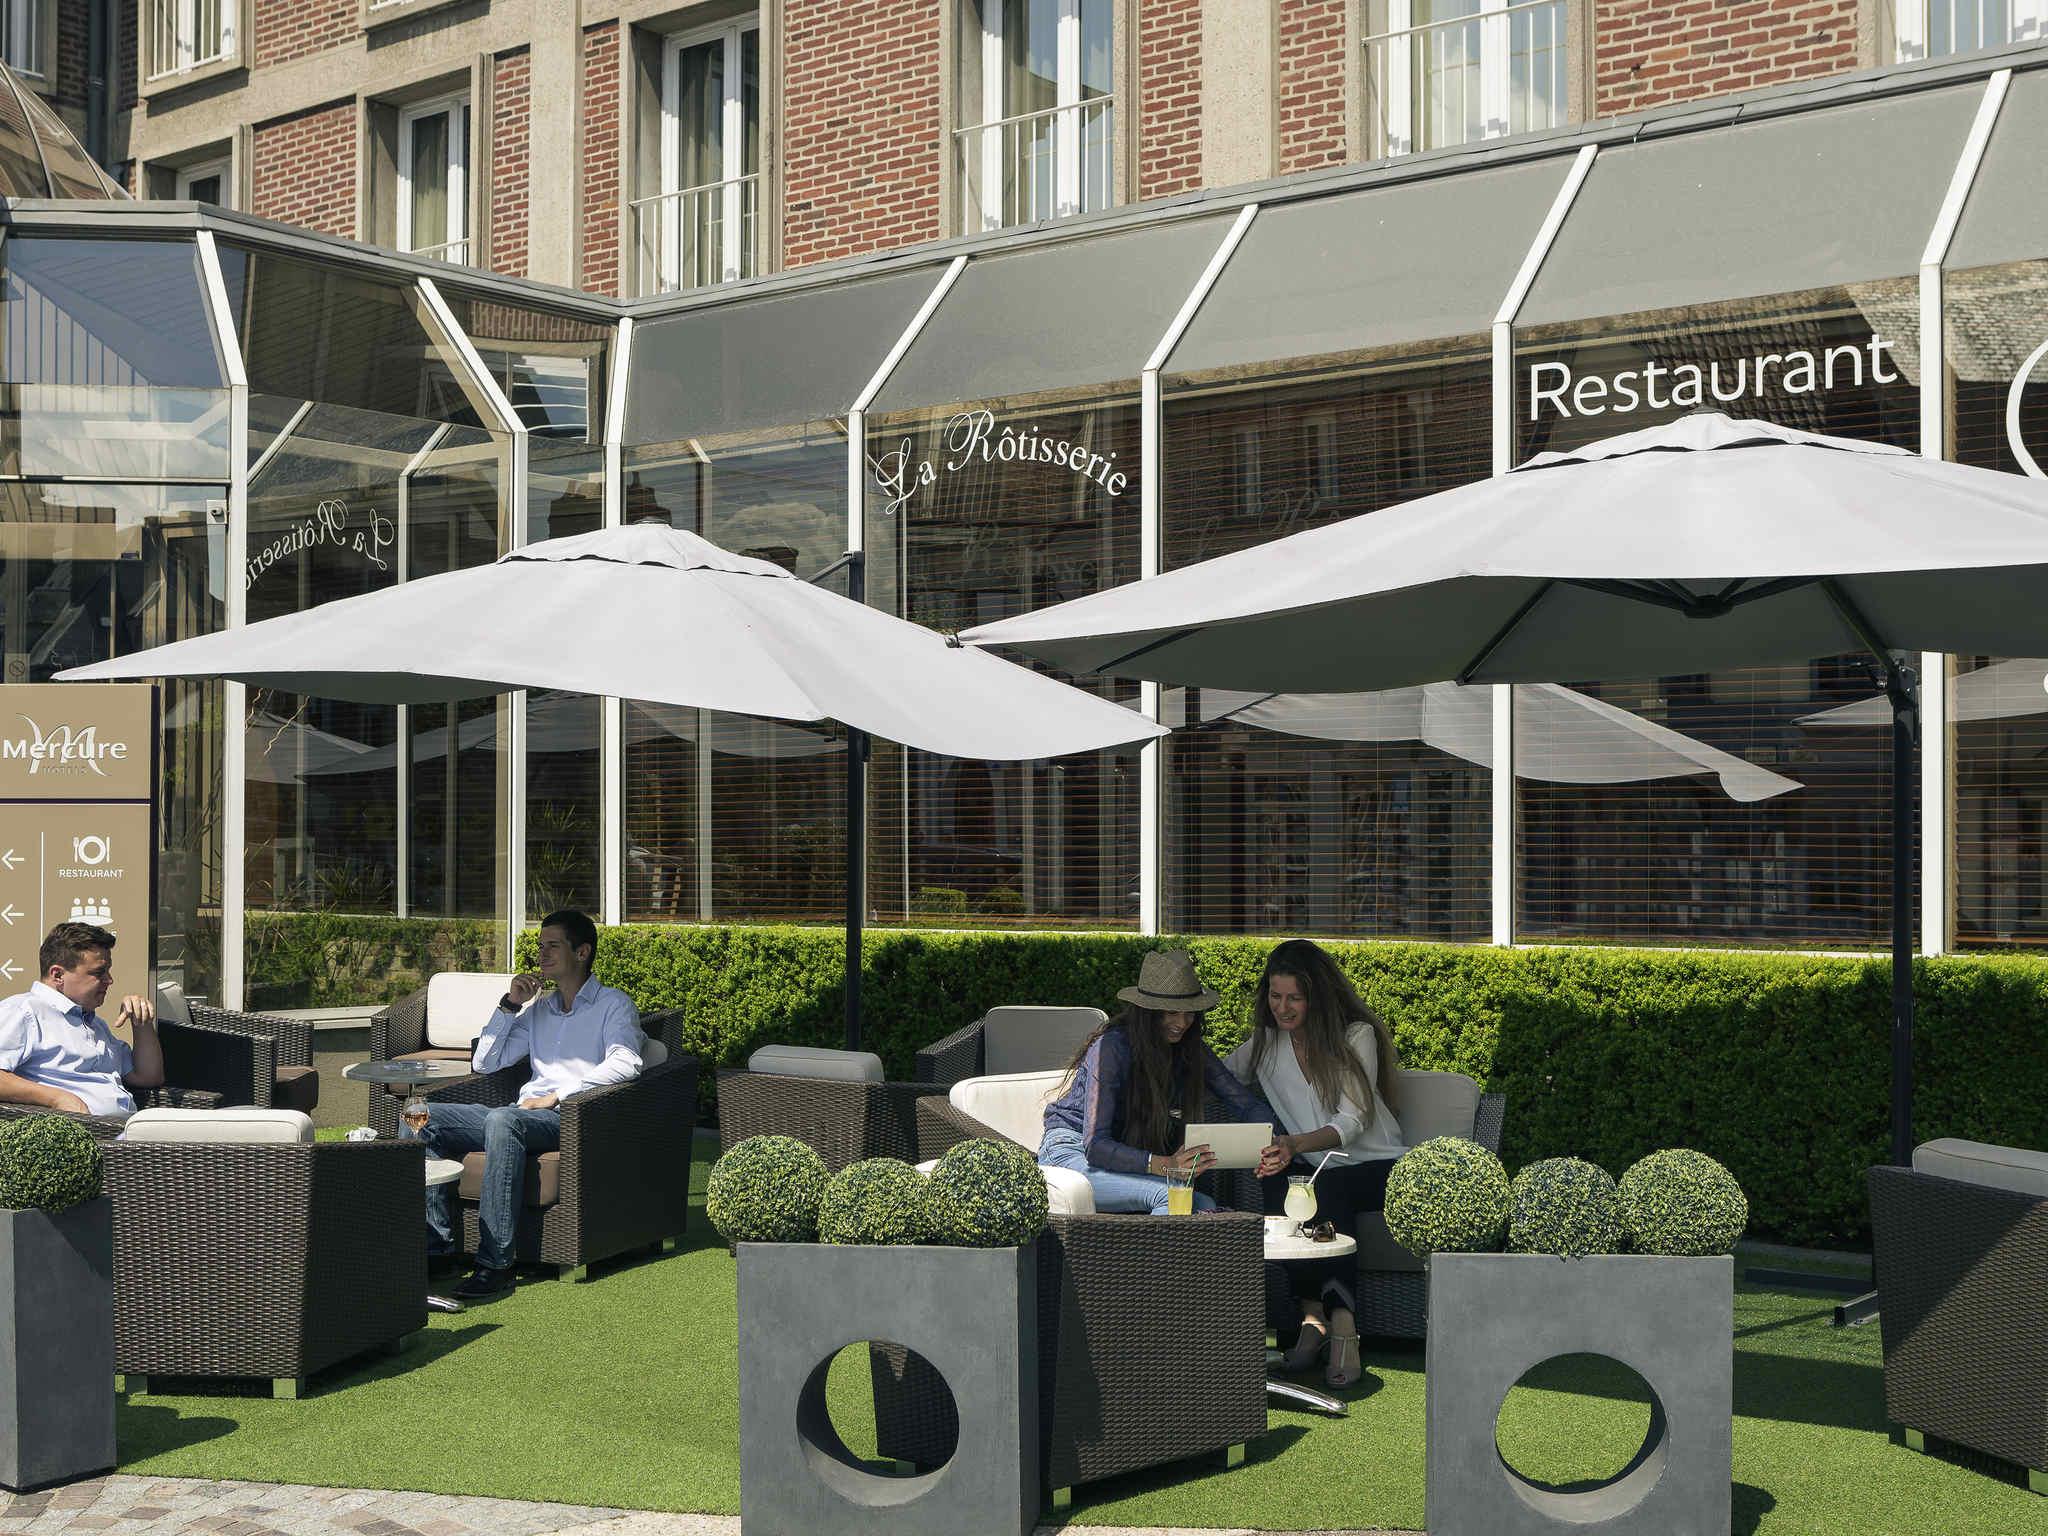 酒店 – 阿布维尔法兰西餐厅美居酒店